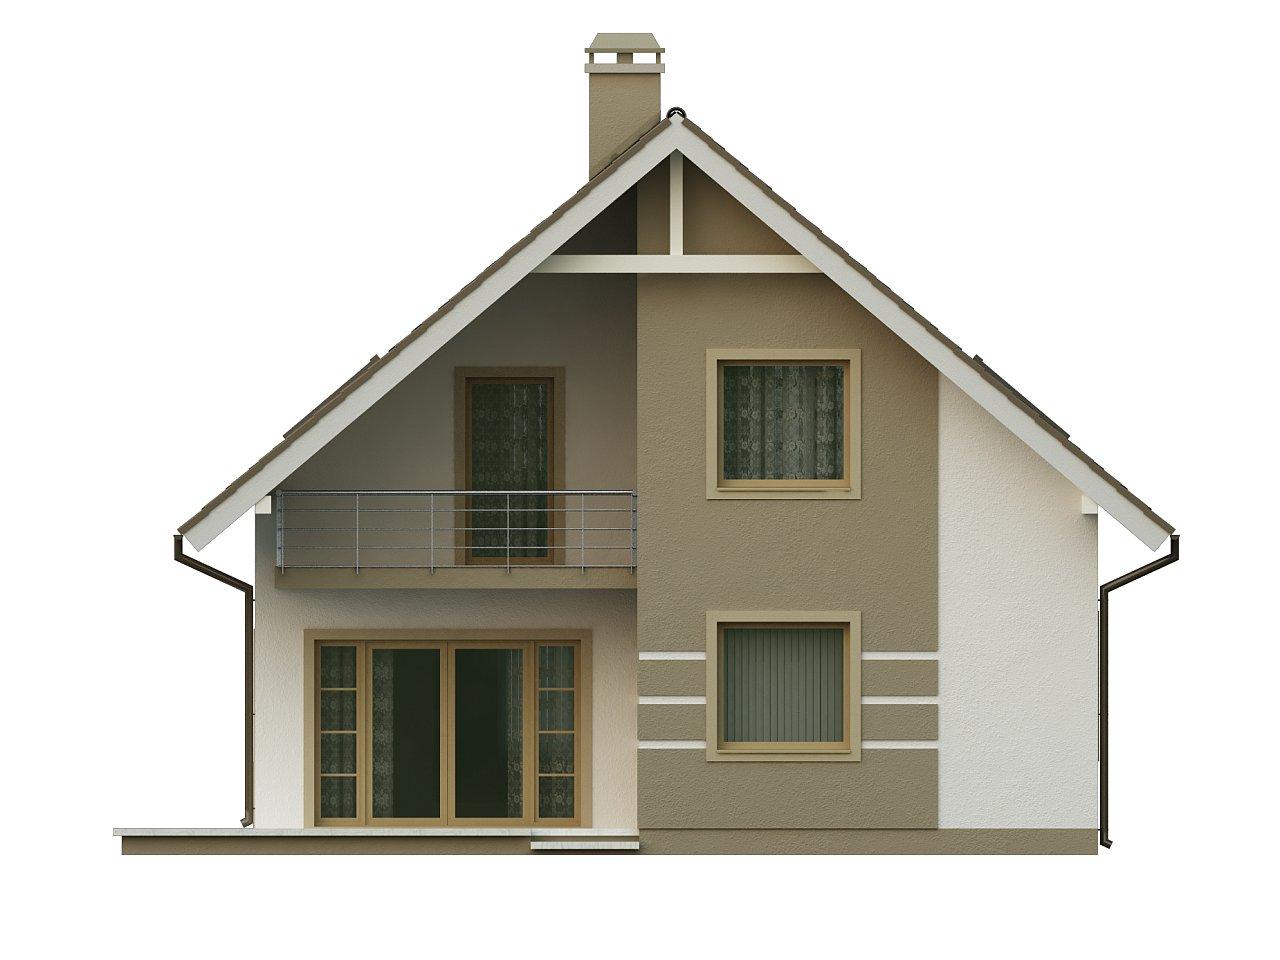 Стильный дом с мансардой, экономичный в строительстве и эксплуатации. 4